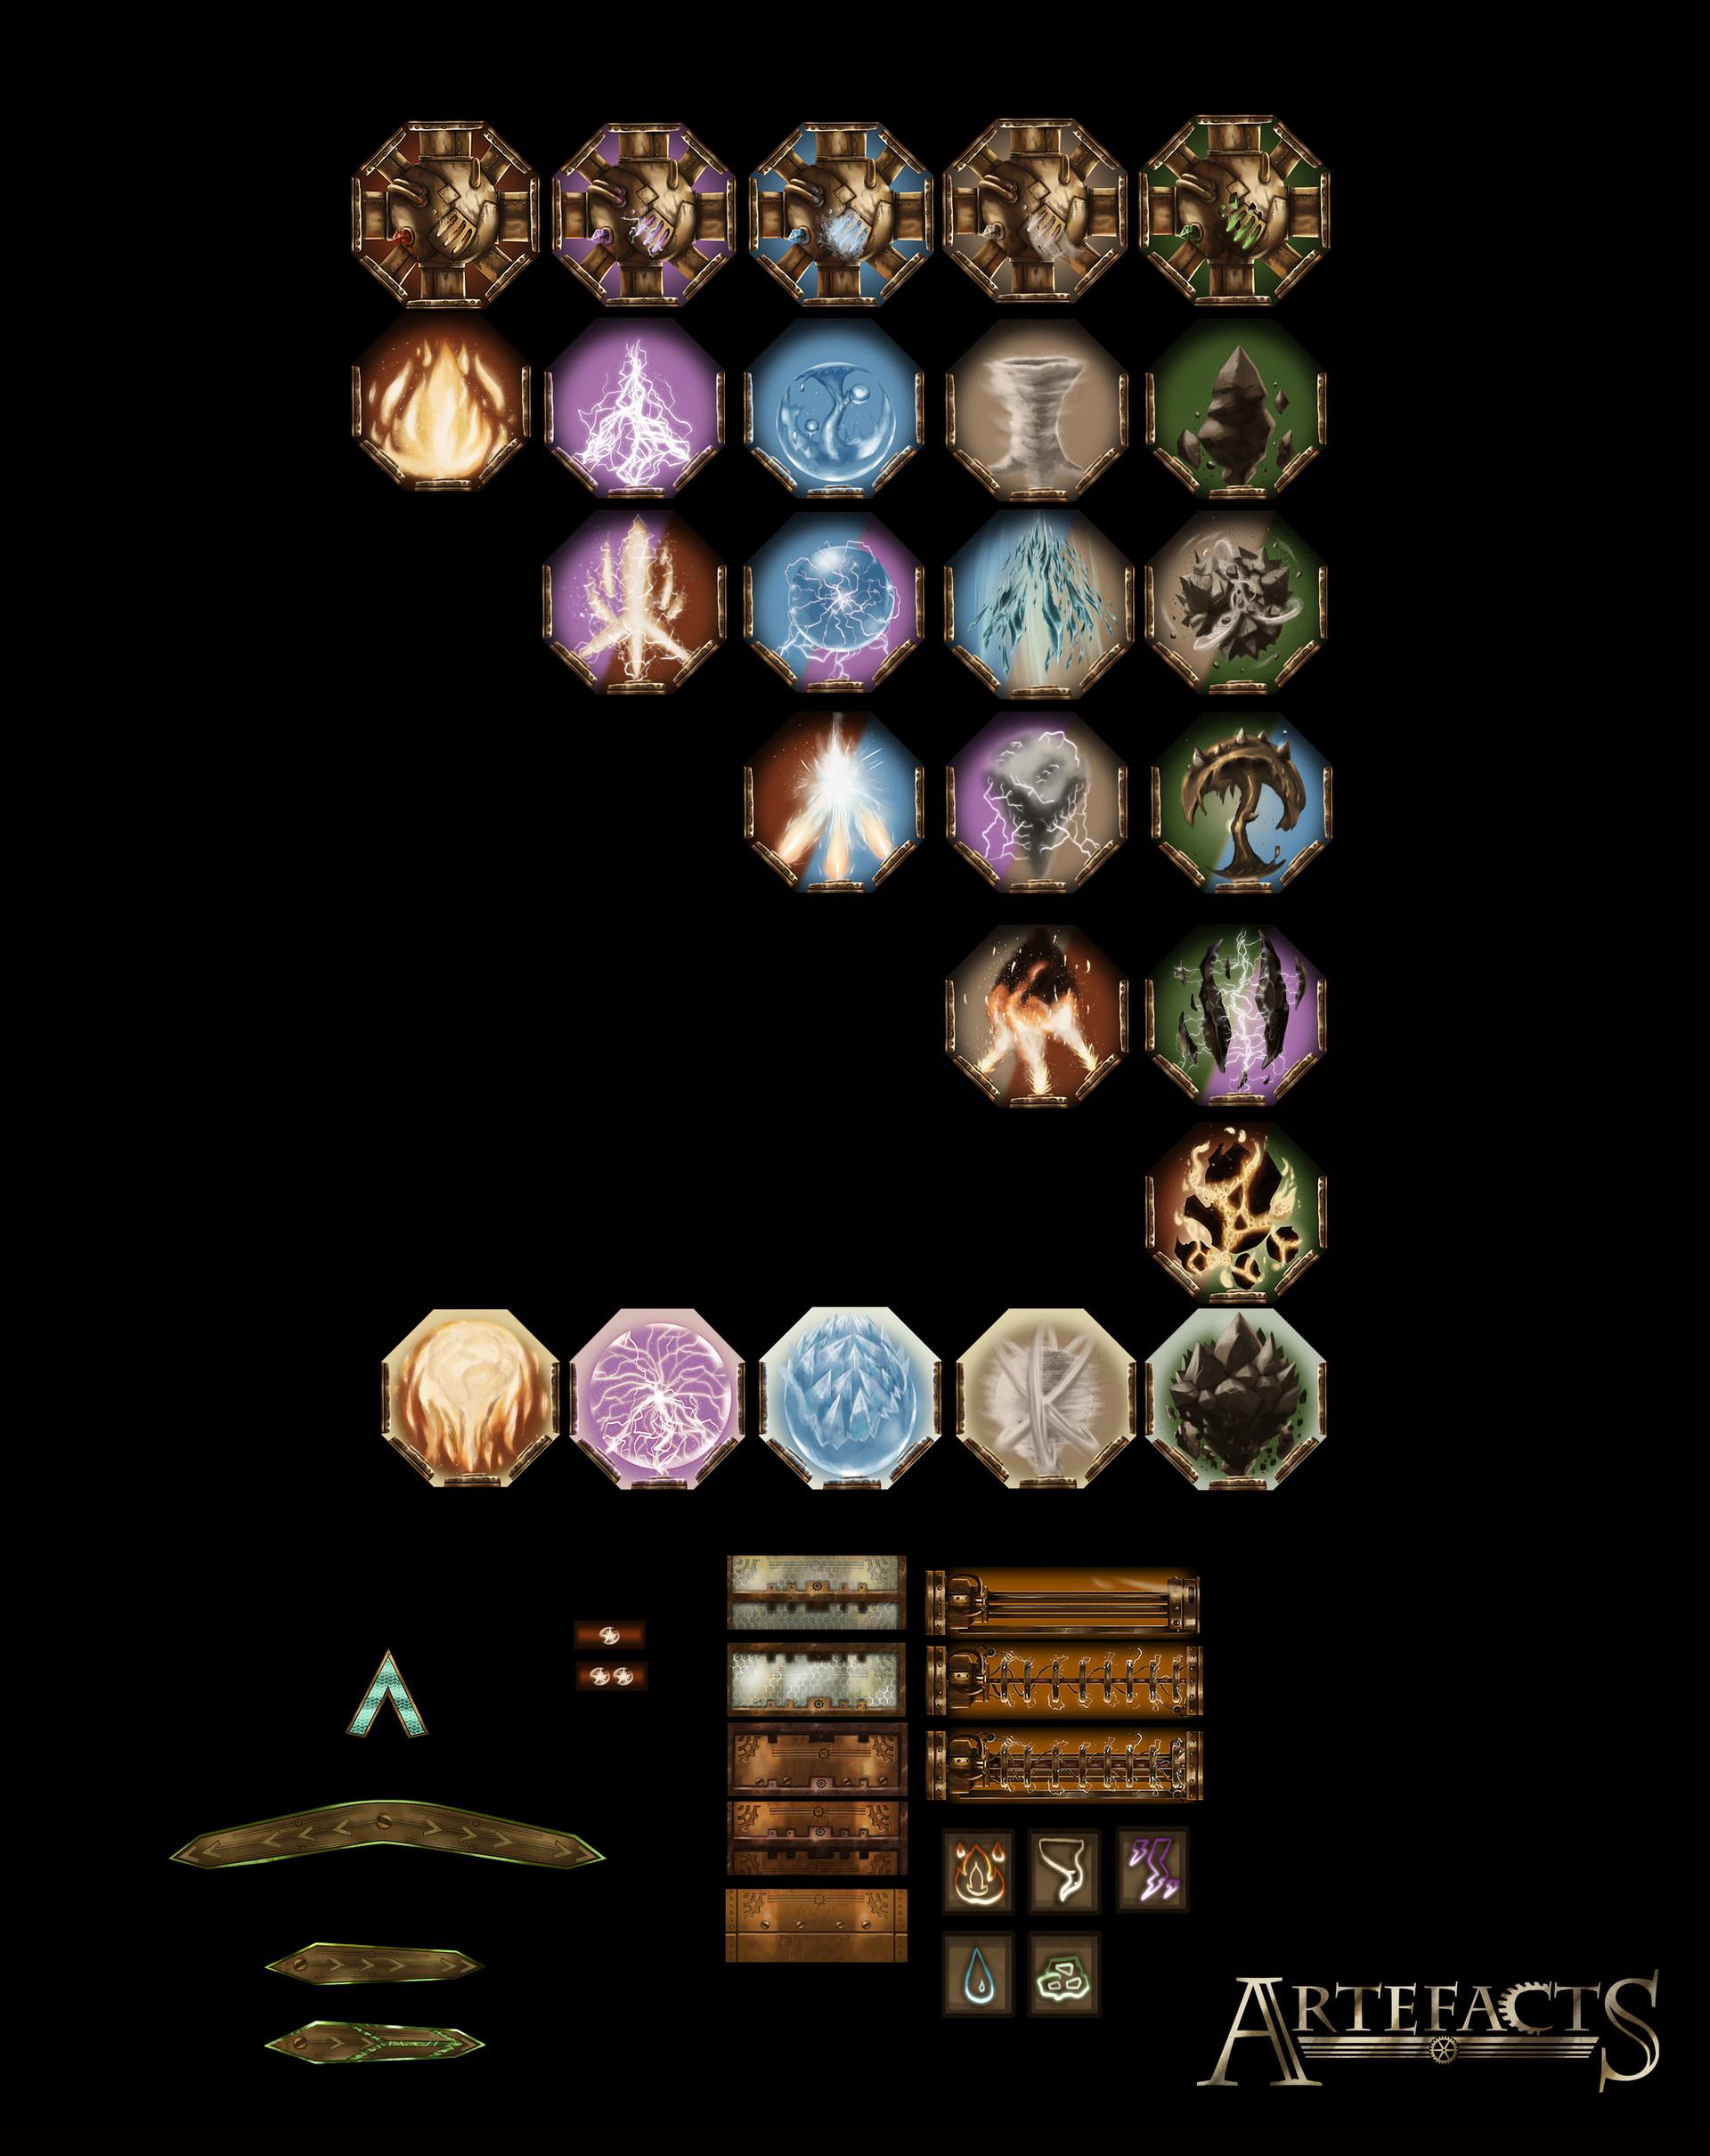 Victor debatisse 04 elements tiles